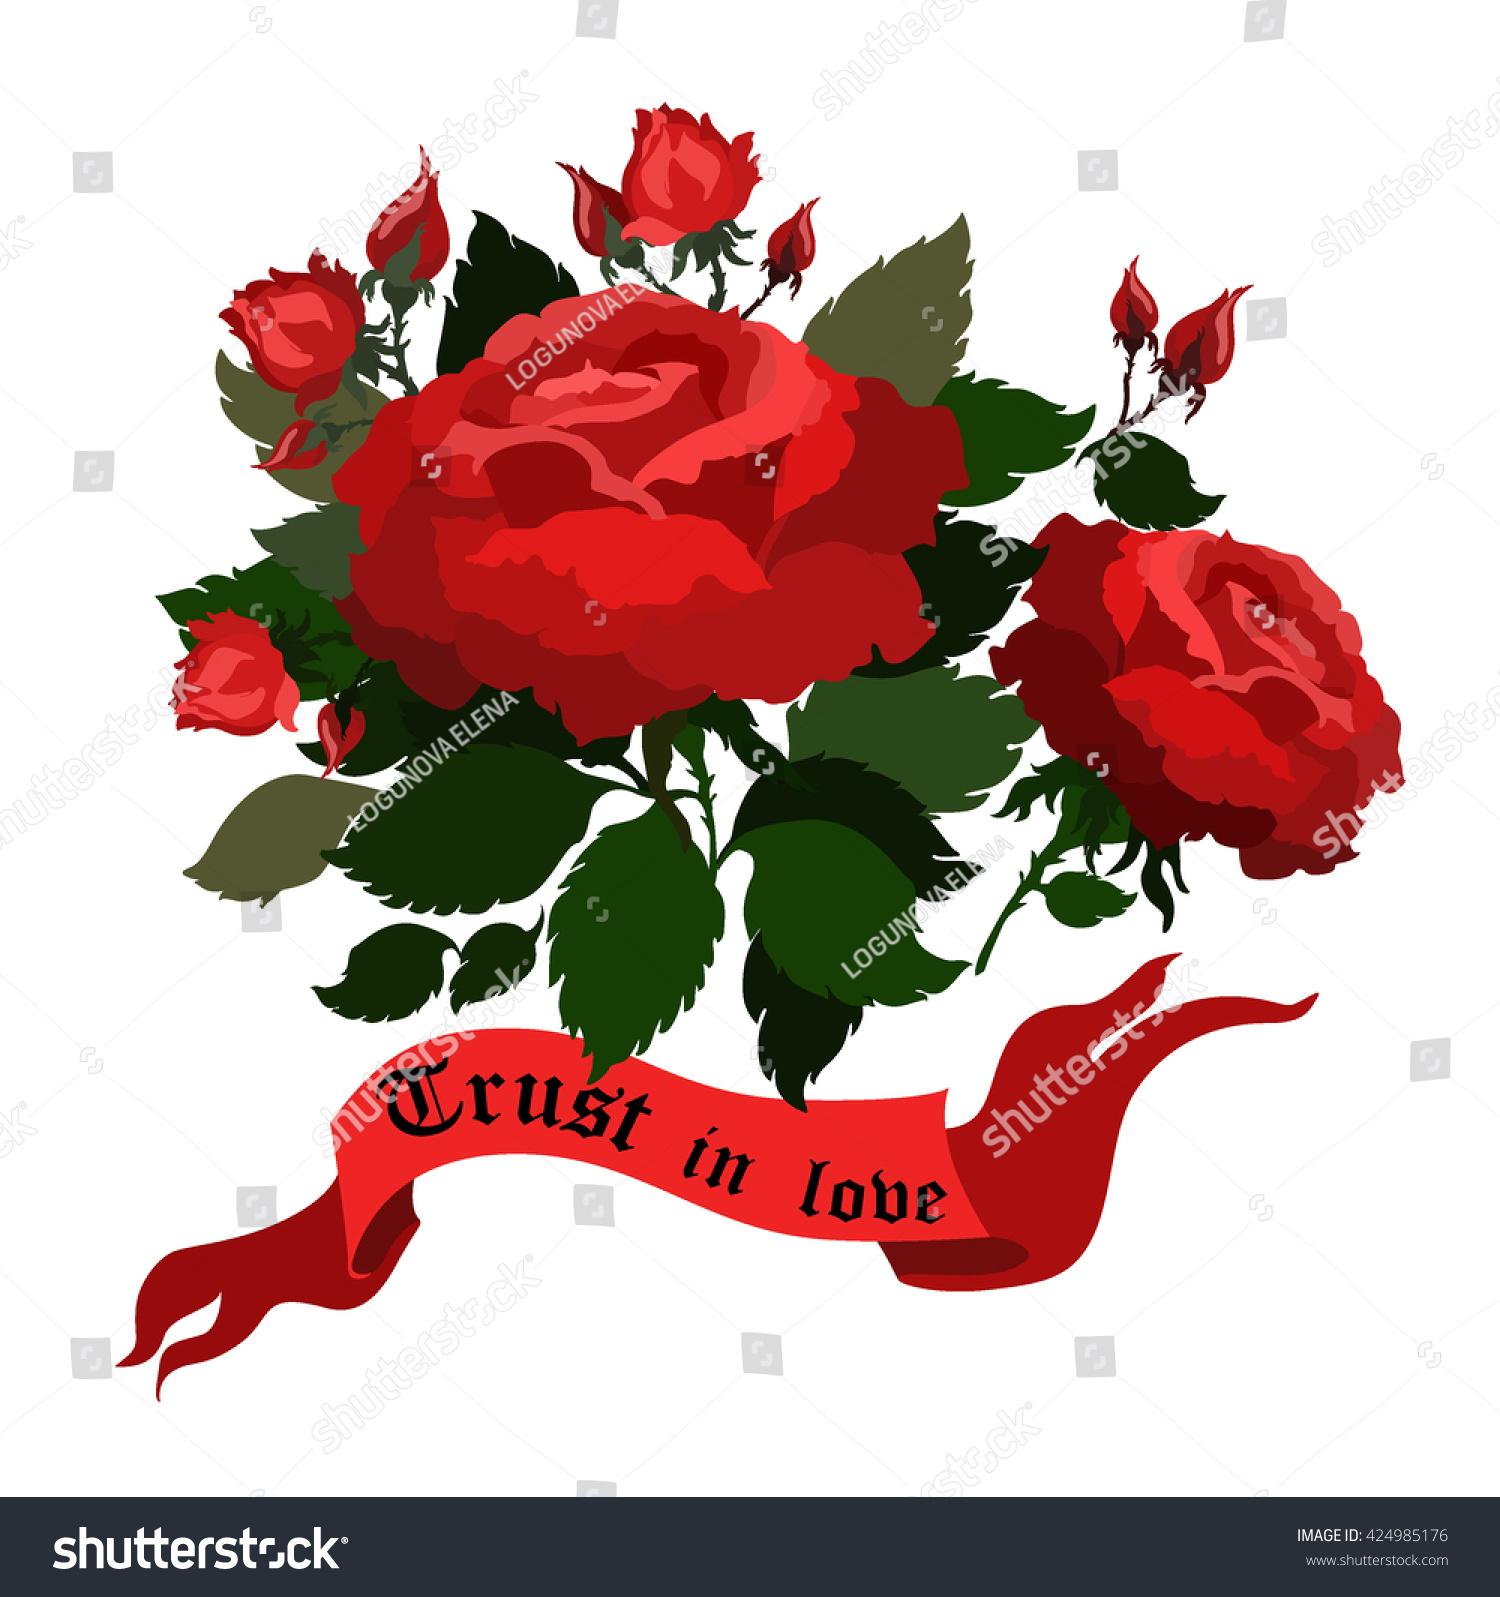 Vector Roses Ribbon Bannertattoo Art Illustration Stock Vector ... for Vector Rose Flower Png  156eri